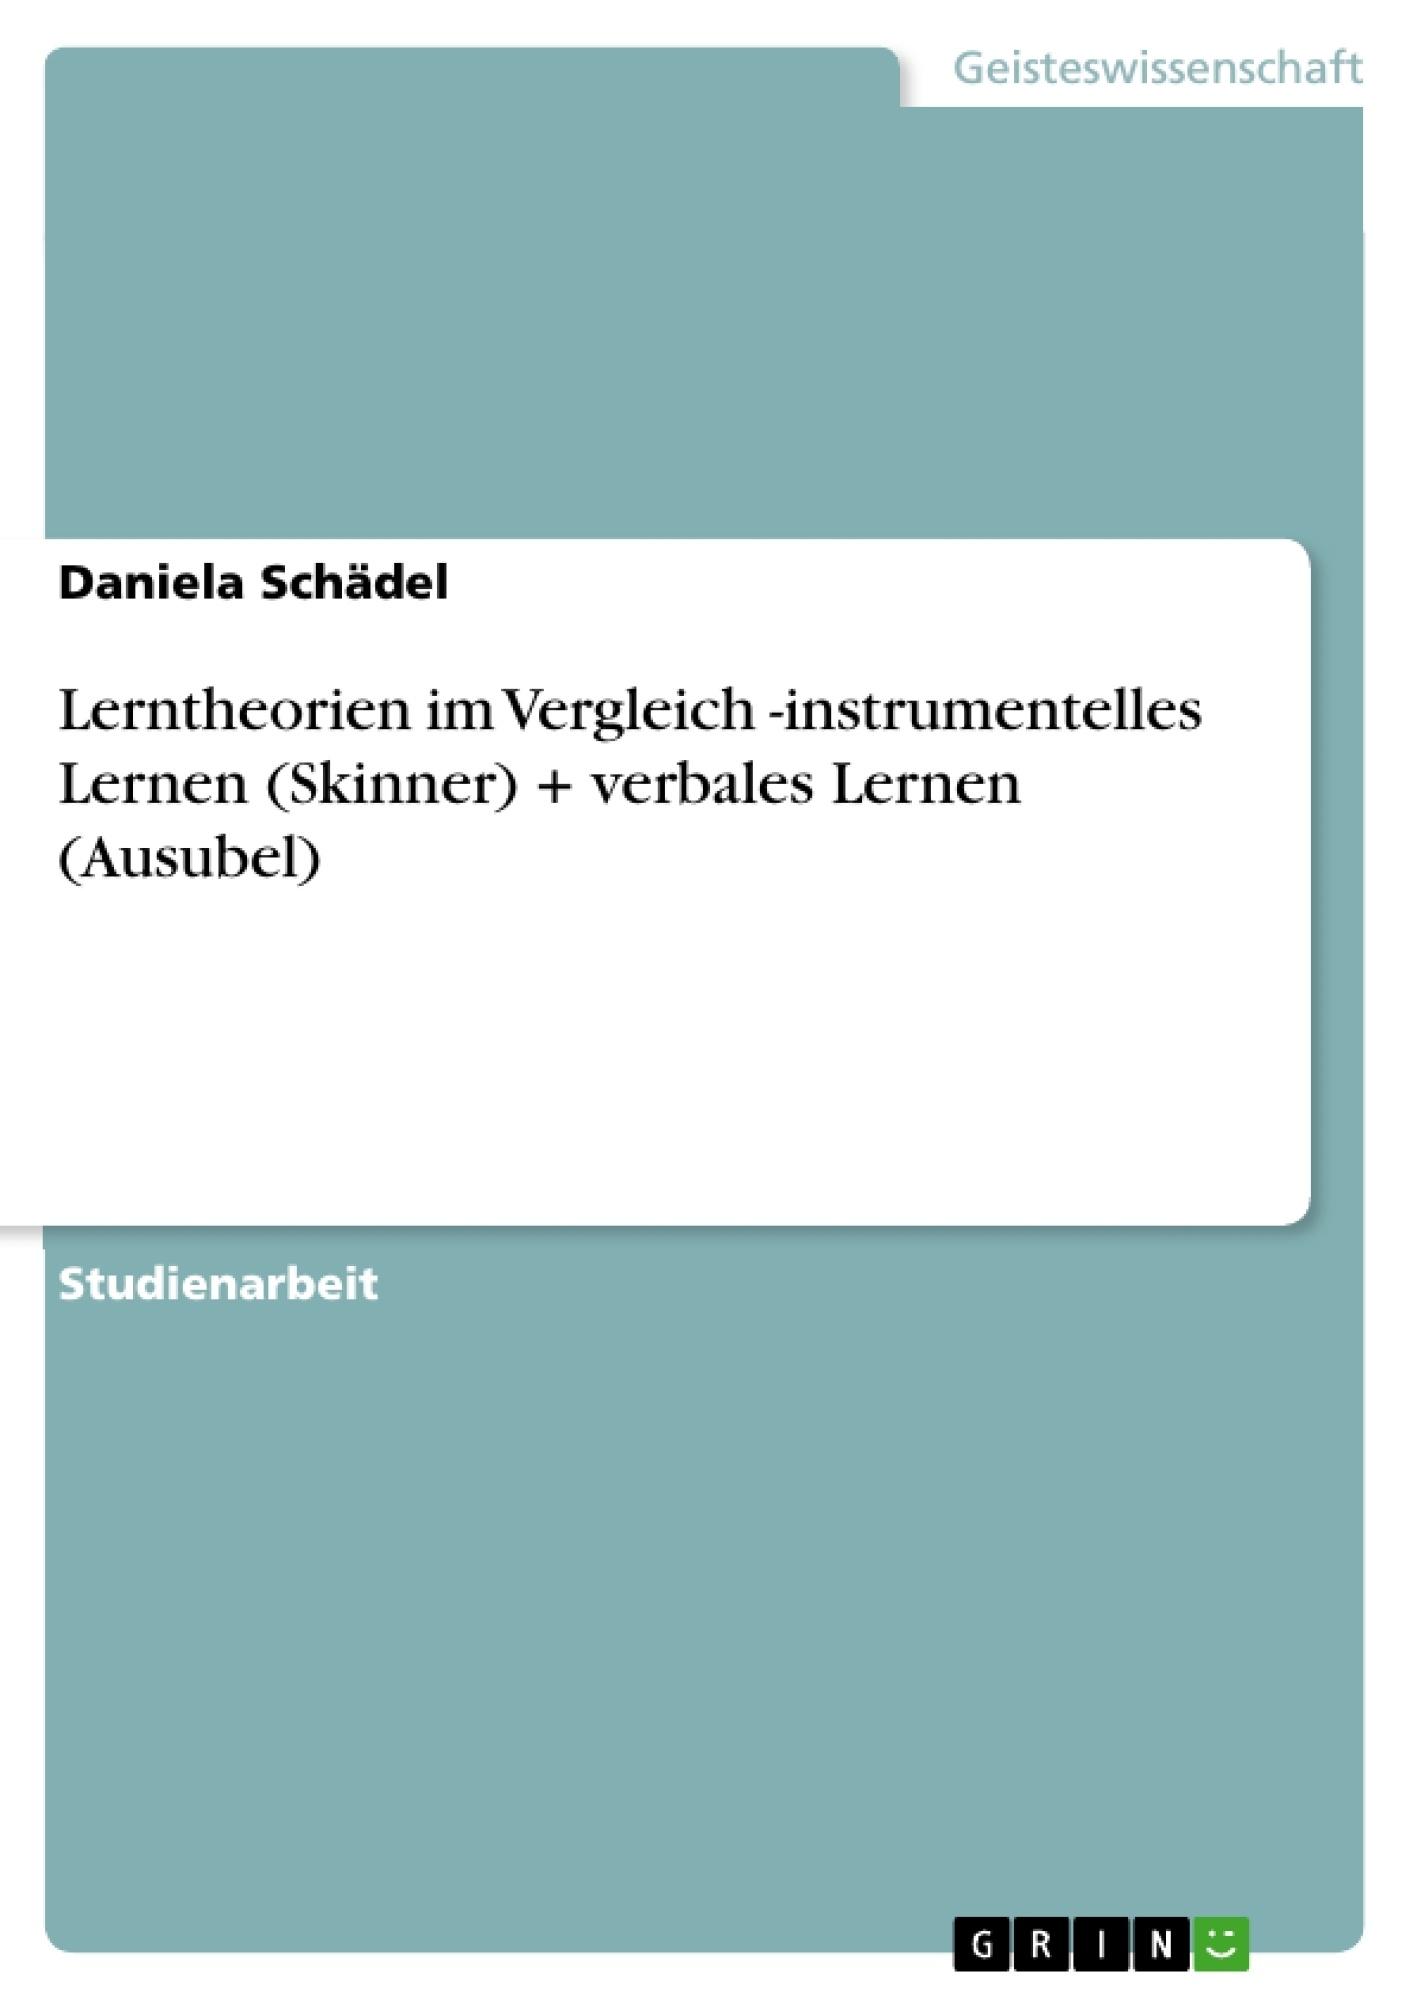 Titel: Lerntheorien im Vergleich -instrumentelles Lernen (Skinner) + verbales Lernen (Ausubel)